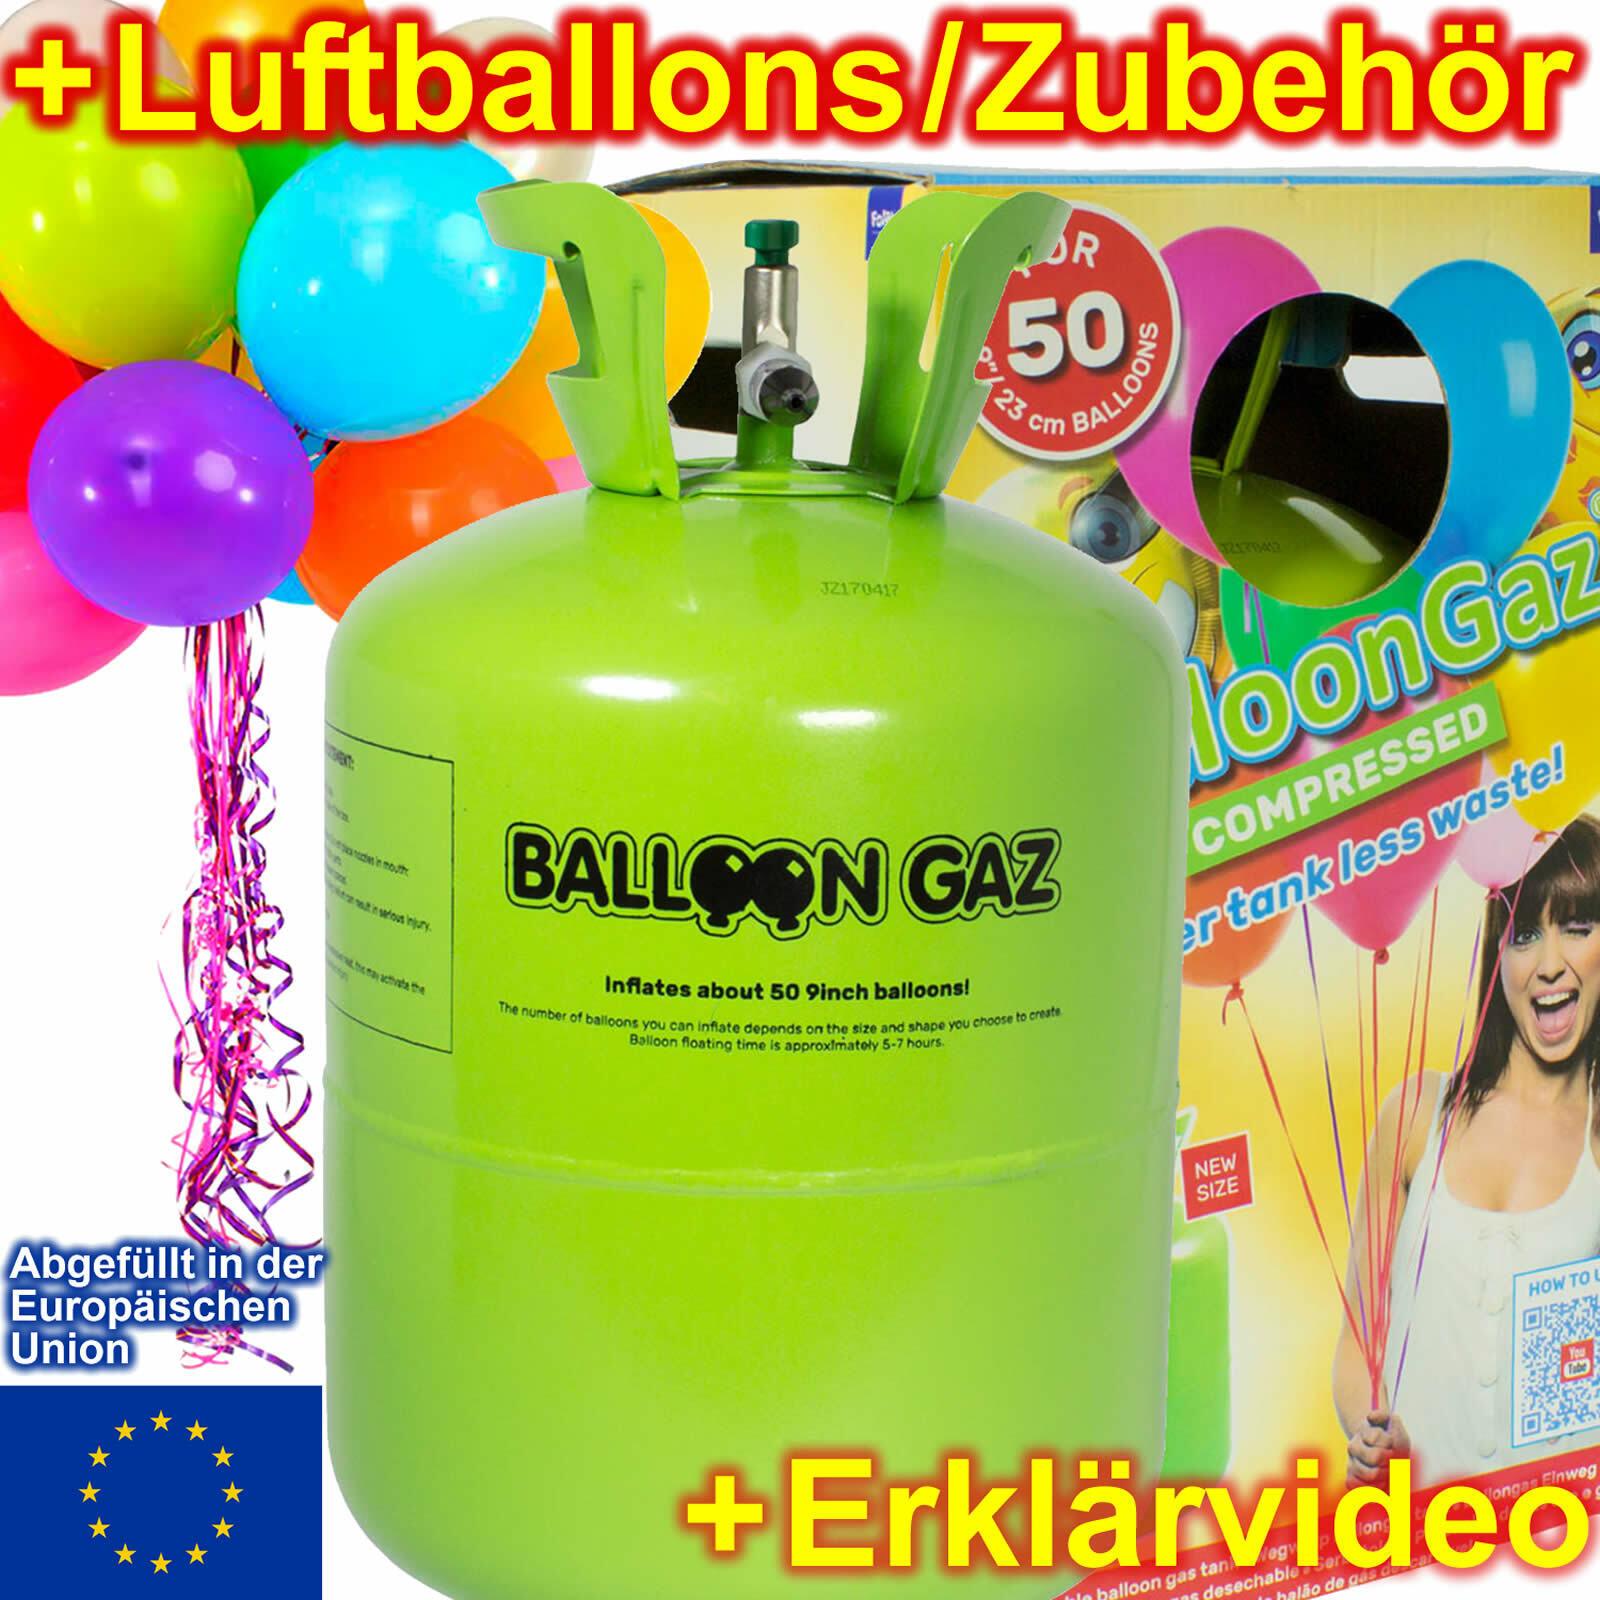 BALLONGAS LUFTBALLONS RIBBONS - Heliumflasche Heliumgas Helium Flasche Party